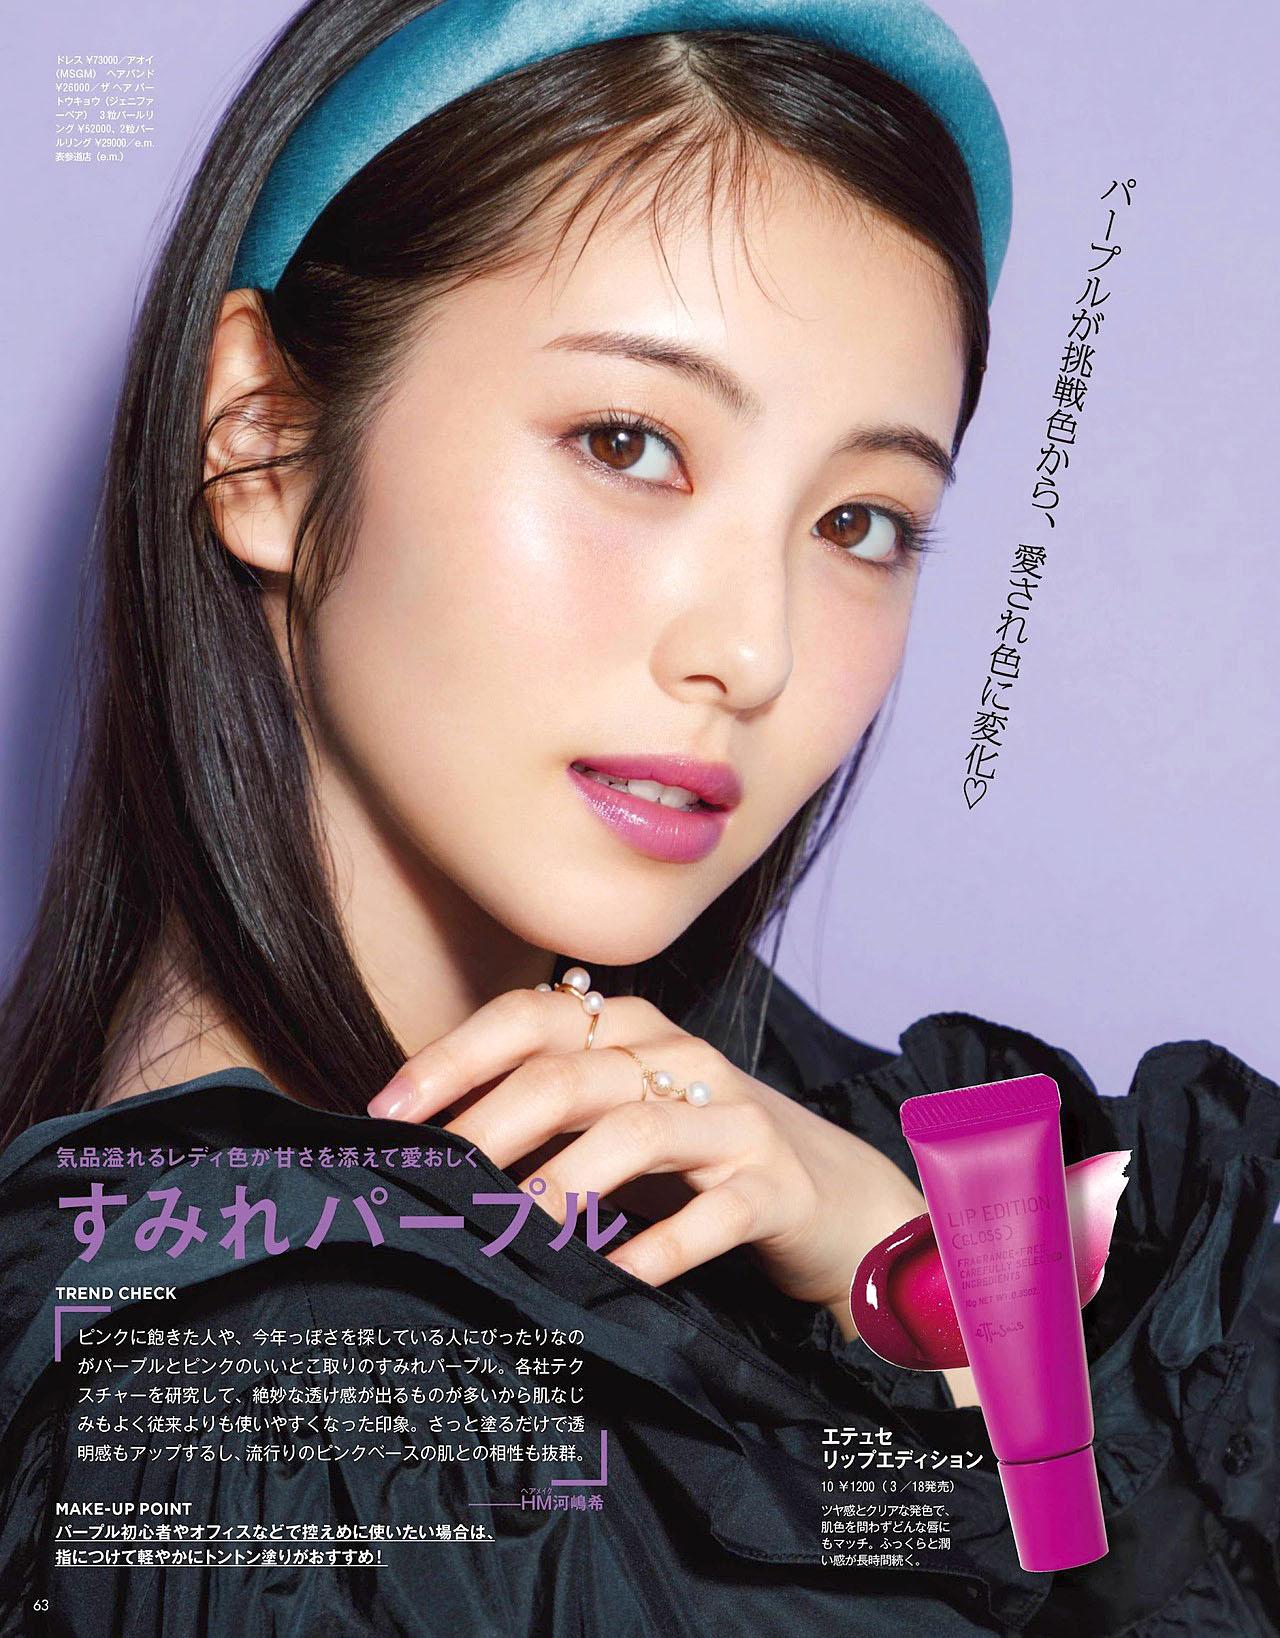 Minami Hamabe Voce 2103 02.jpg